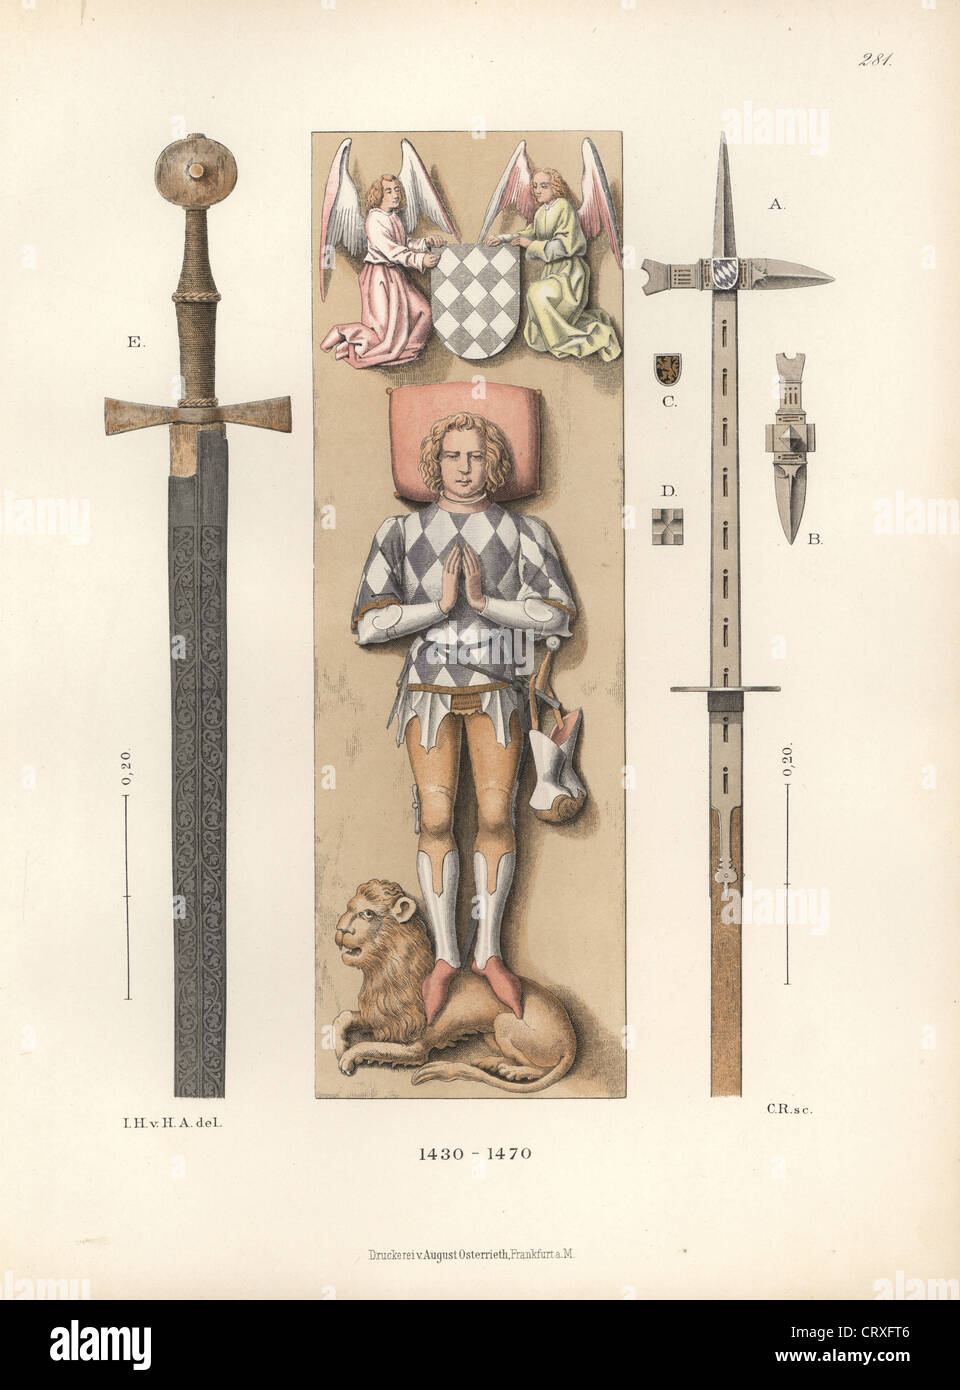 Cavaliere della metà del XV secolo in battaglia le armature con le armi. Immagini Stock